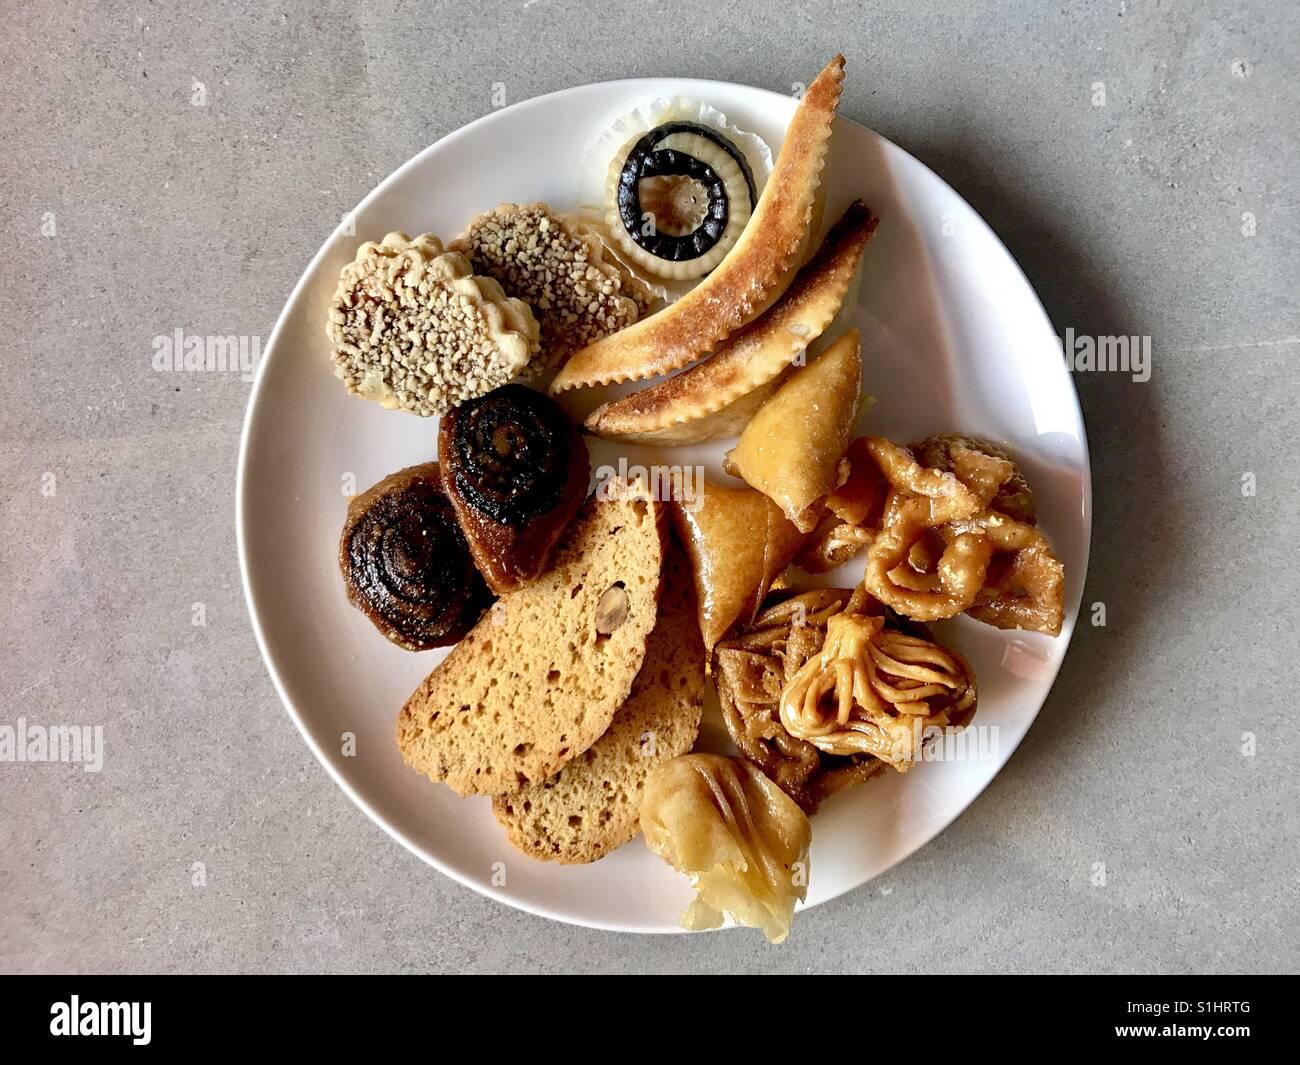 Morroccan desserts - Stock Image